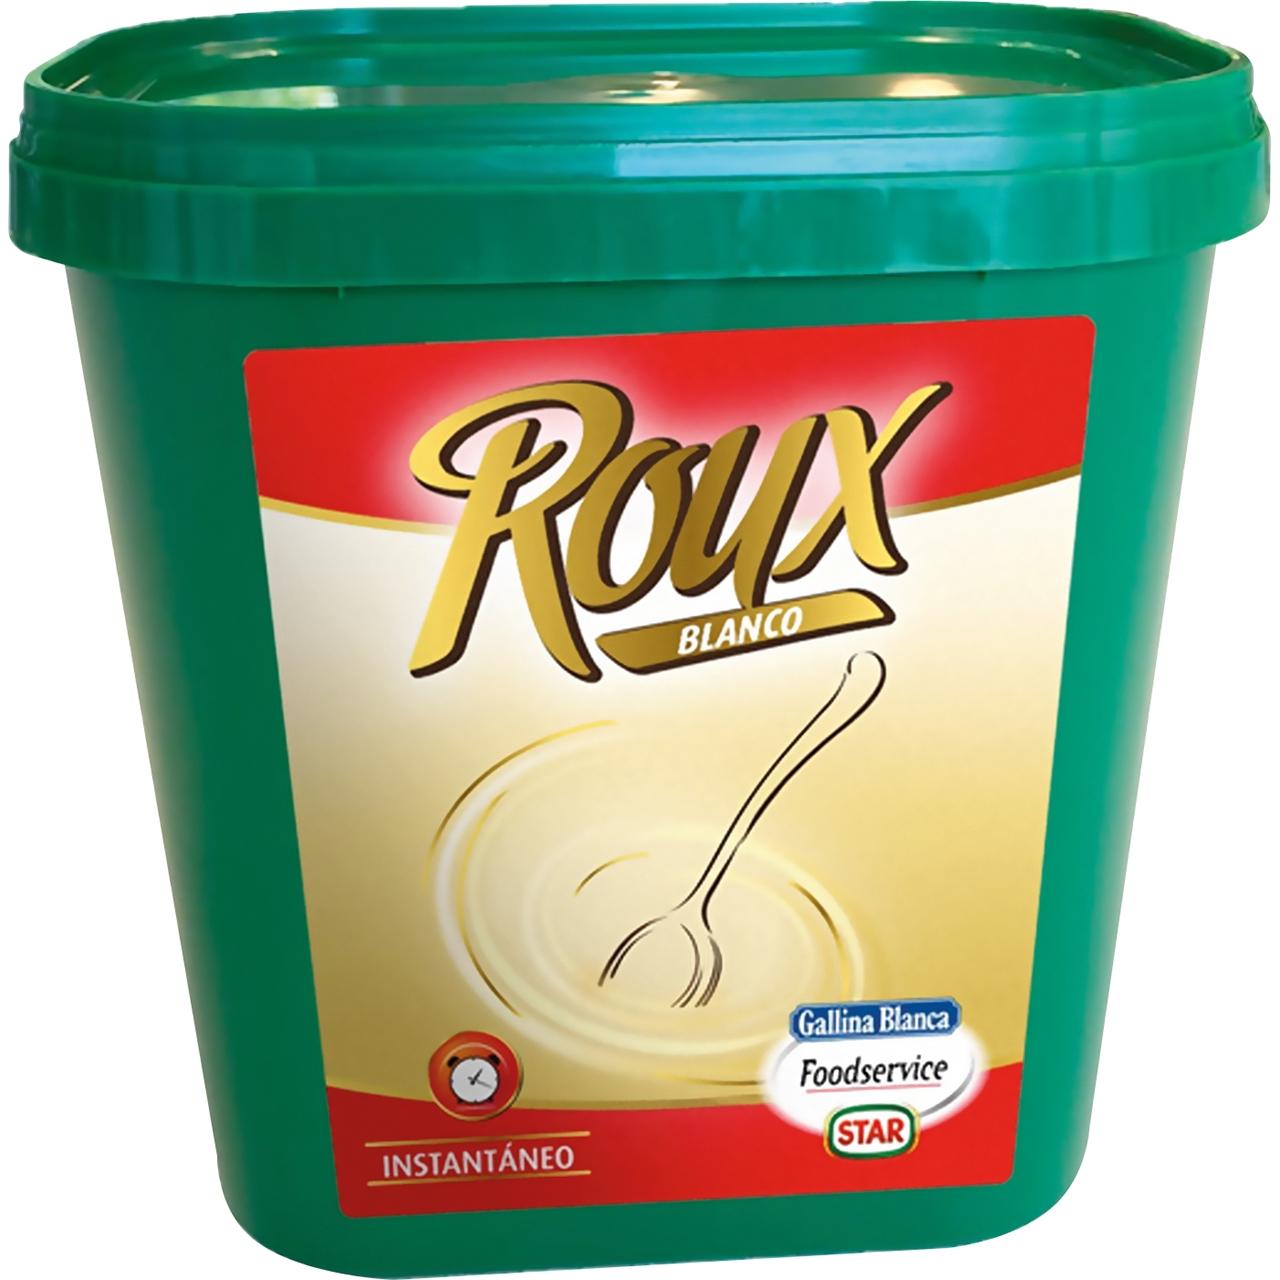 Roux blanco deshidratado 1kg. Gallina Blanca